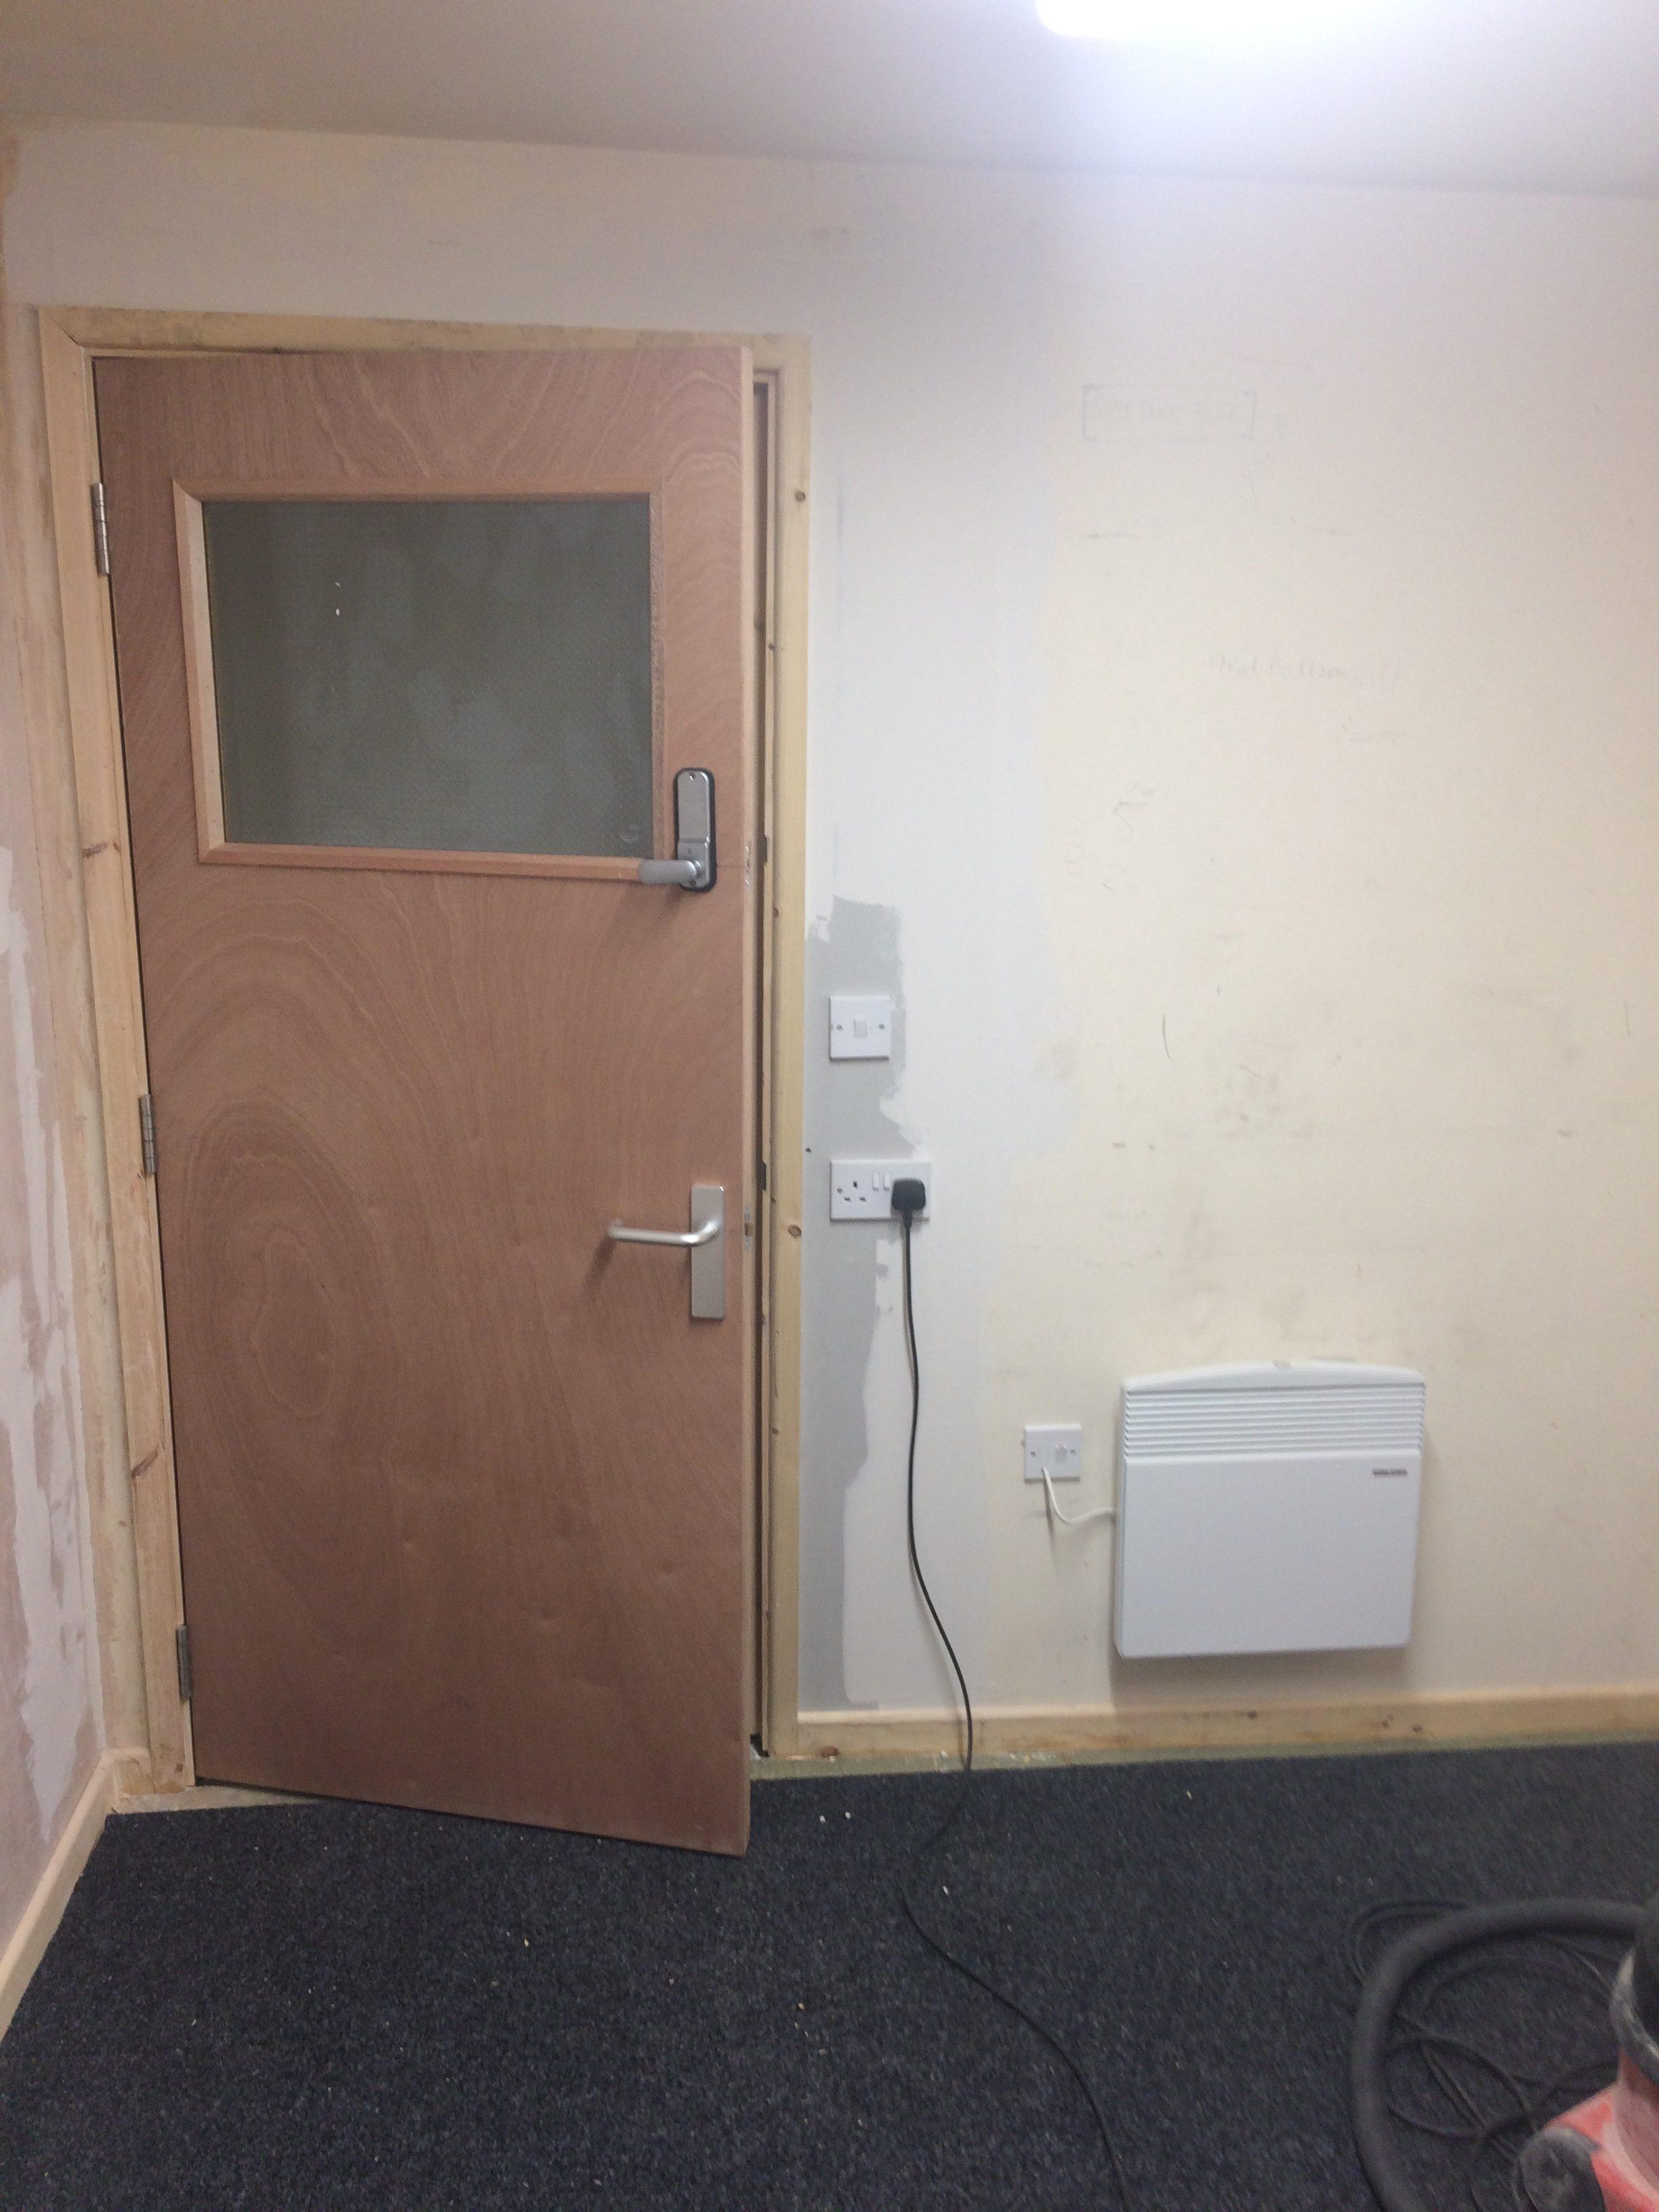 Door frame build and installation of coded door